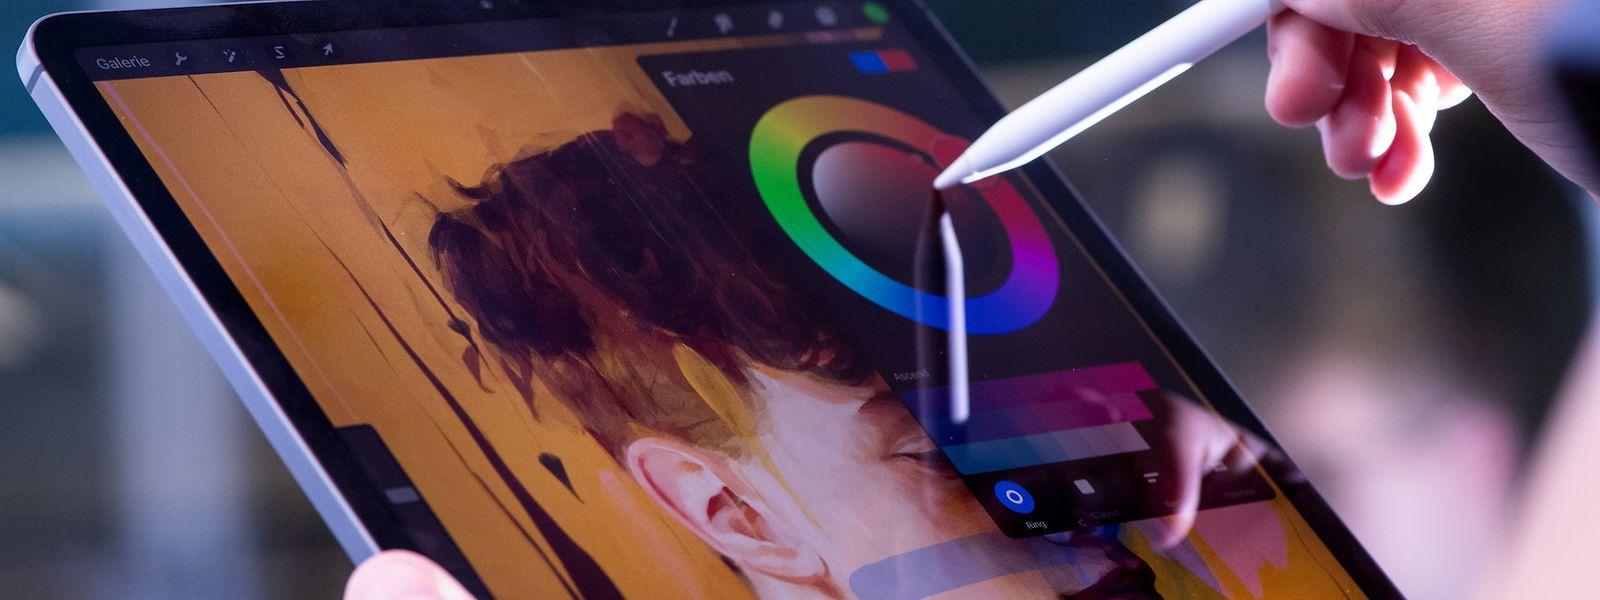 Das neue iPadPro zeigt Farben im erweiterten Farbraum DCI-P3 an und deckt damit den Bereich der natürlich vorkommenden Oberflächenfarben zu über 85 Prozent ab.